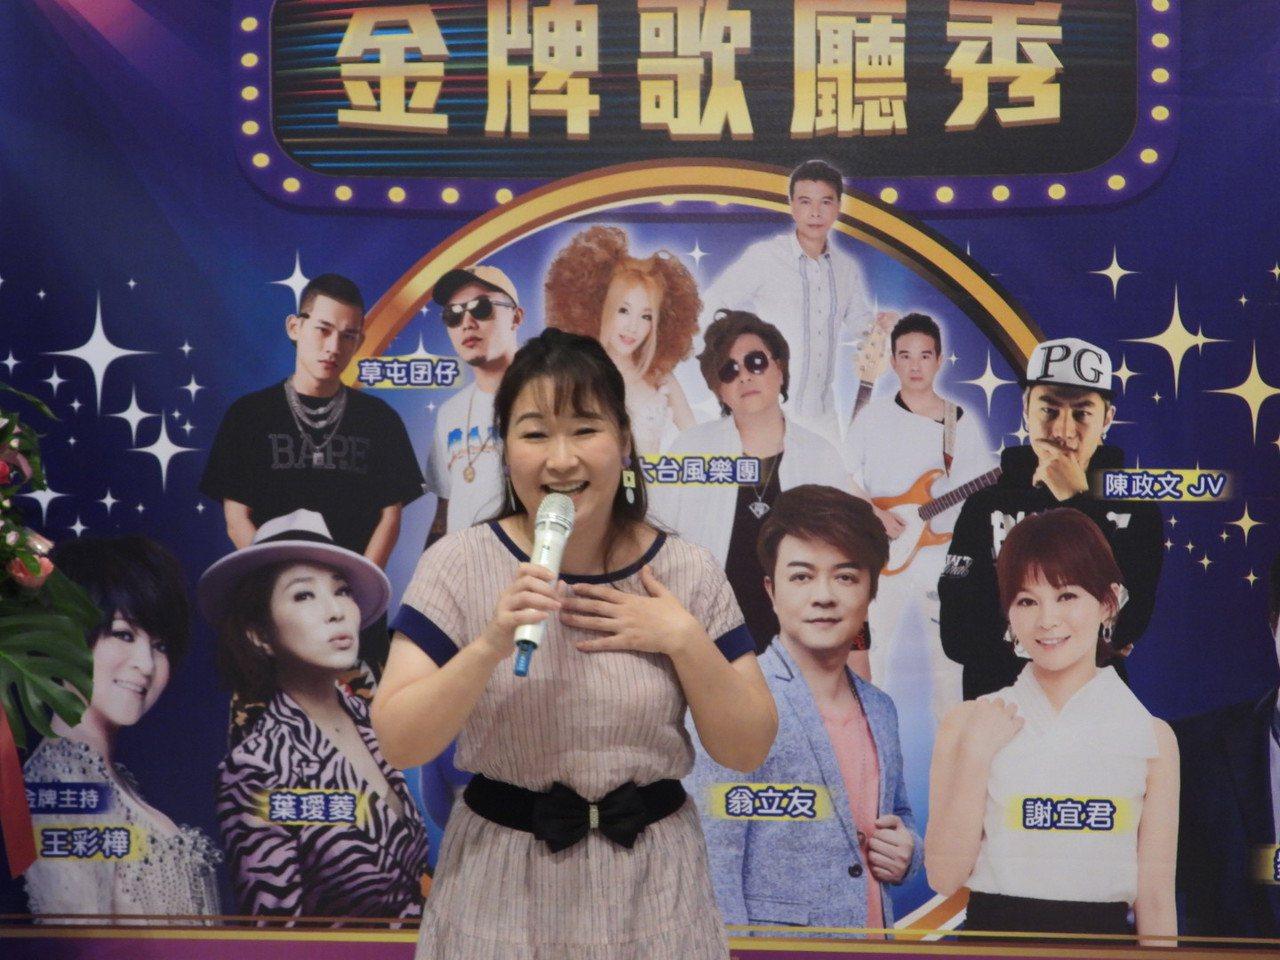 消失多年歌廳秀台南重新登場,金曲歌后張秀卿邀請鄉親來欣賞。記者周宗禎/攝影